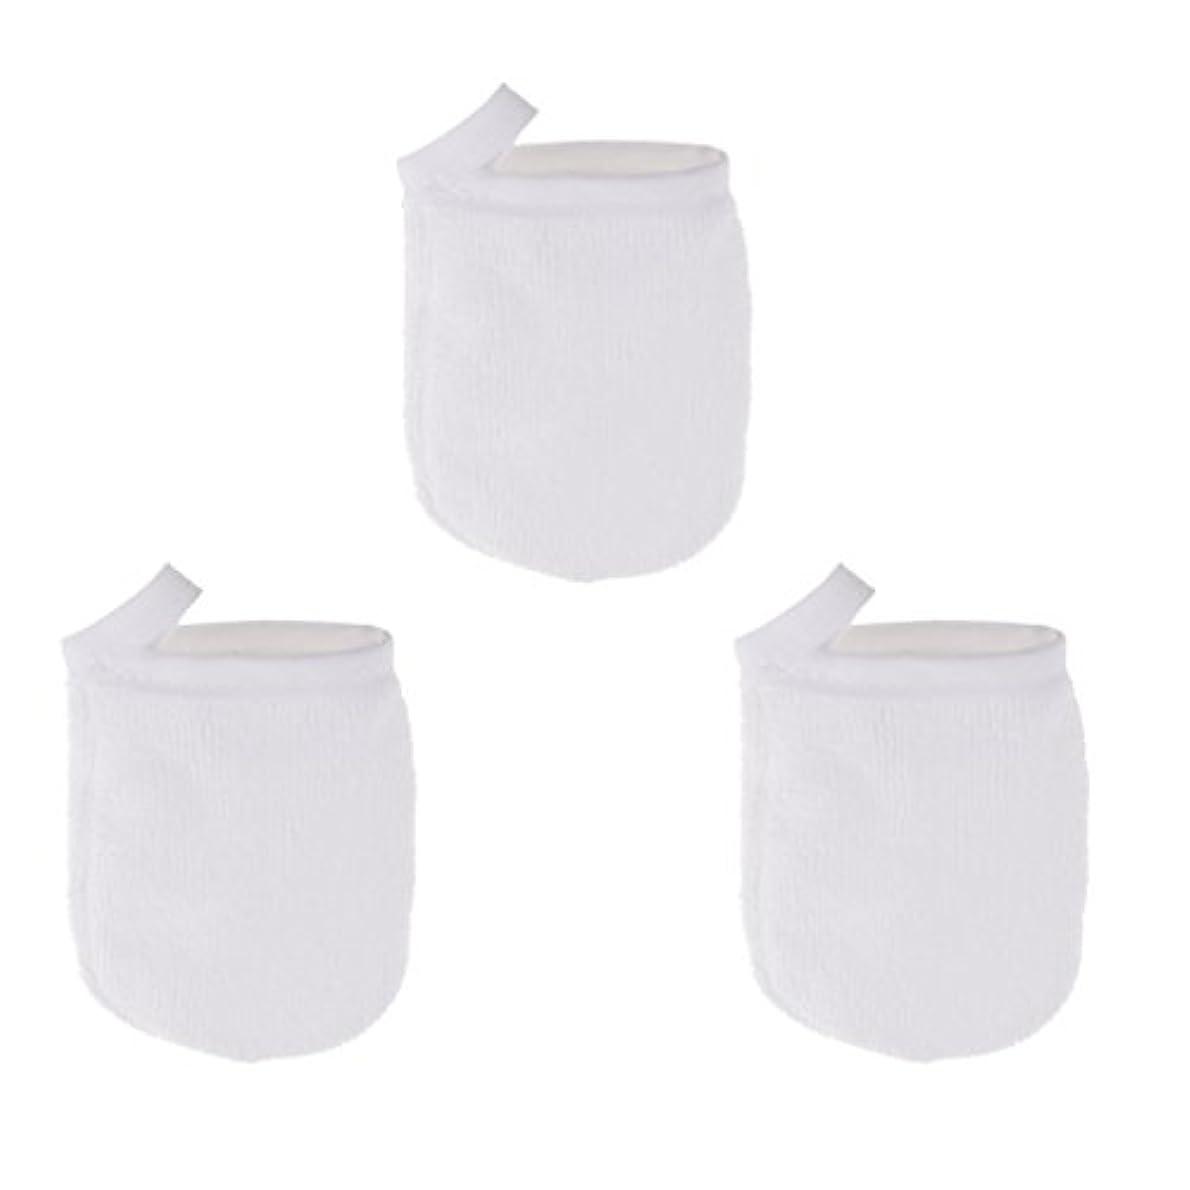 オーバーヘッド複数方法論CUTICATE ソフト フェイスクレンジンググローブ メイクリムーバー クロスパッド 3個 洗顔グローブ 手袋